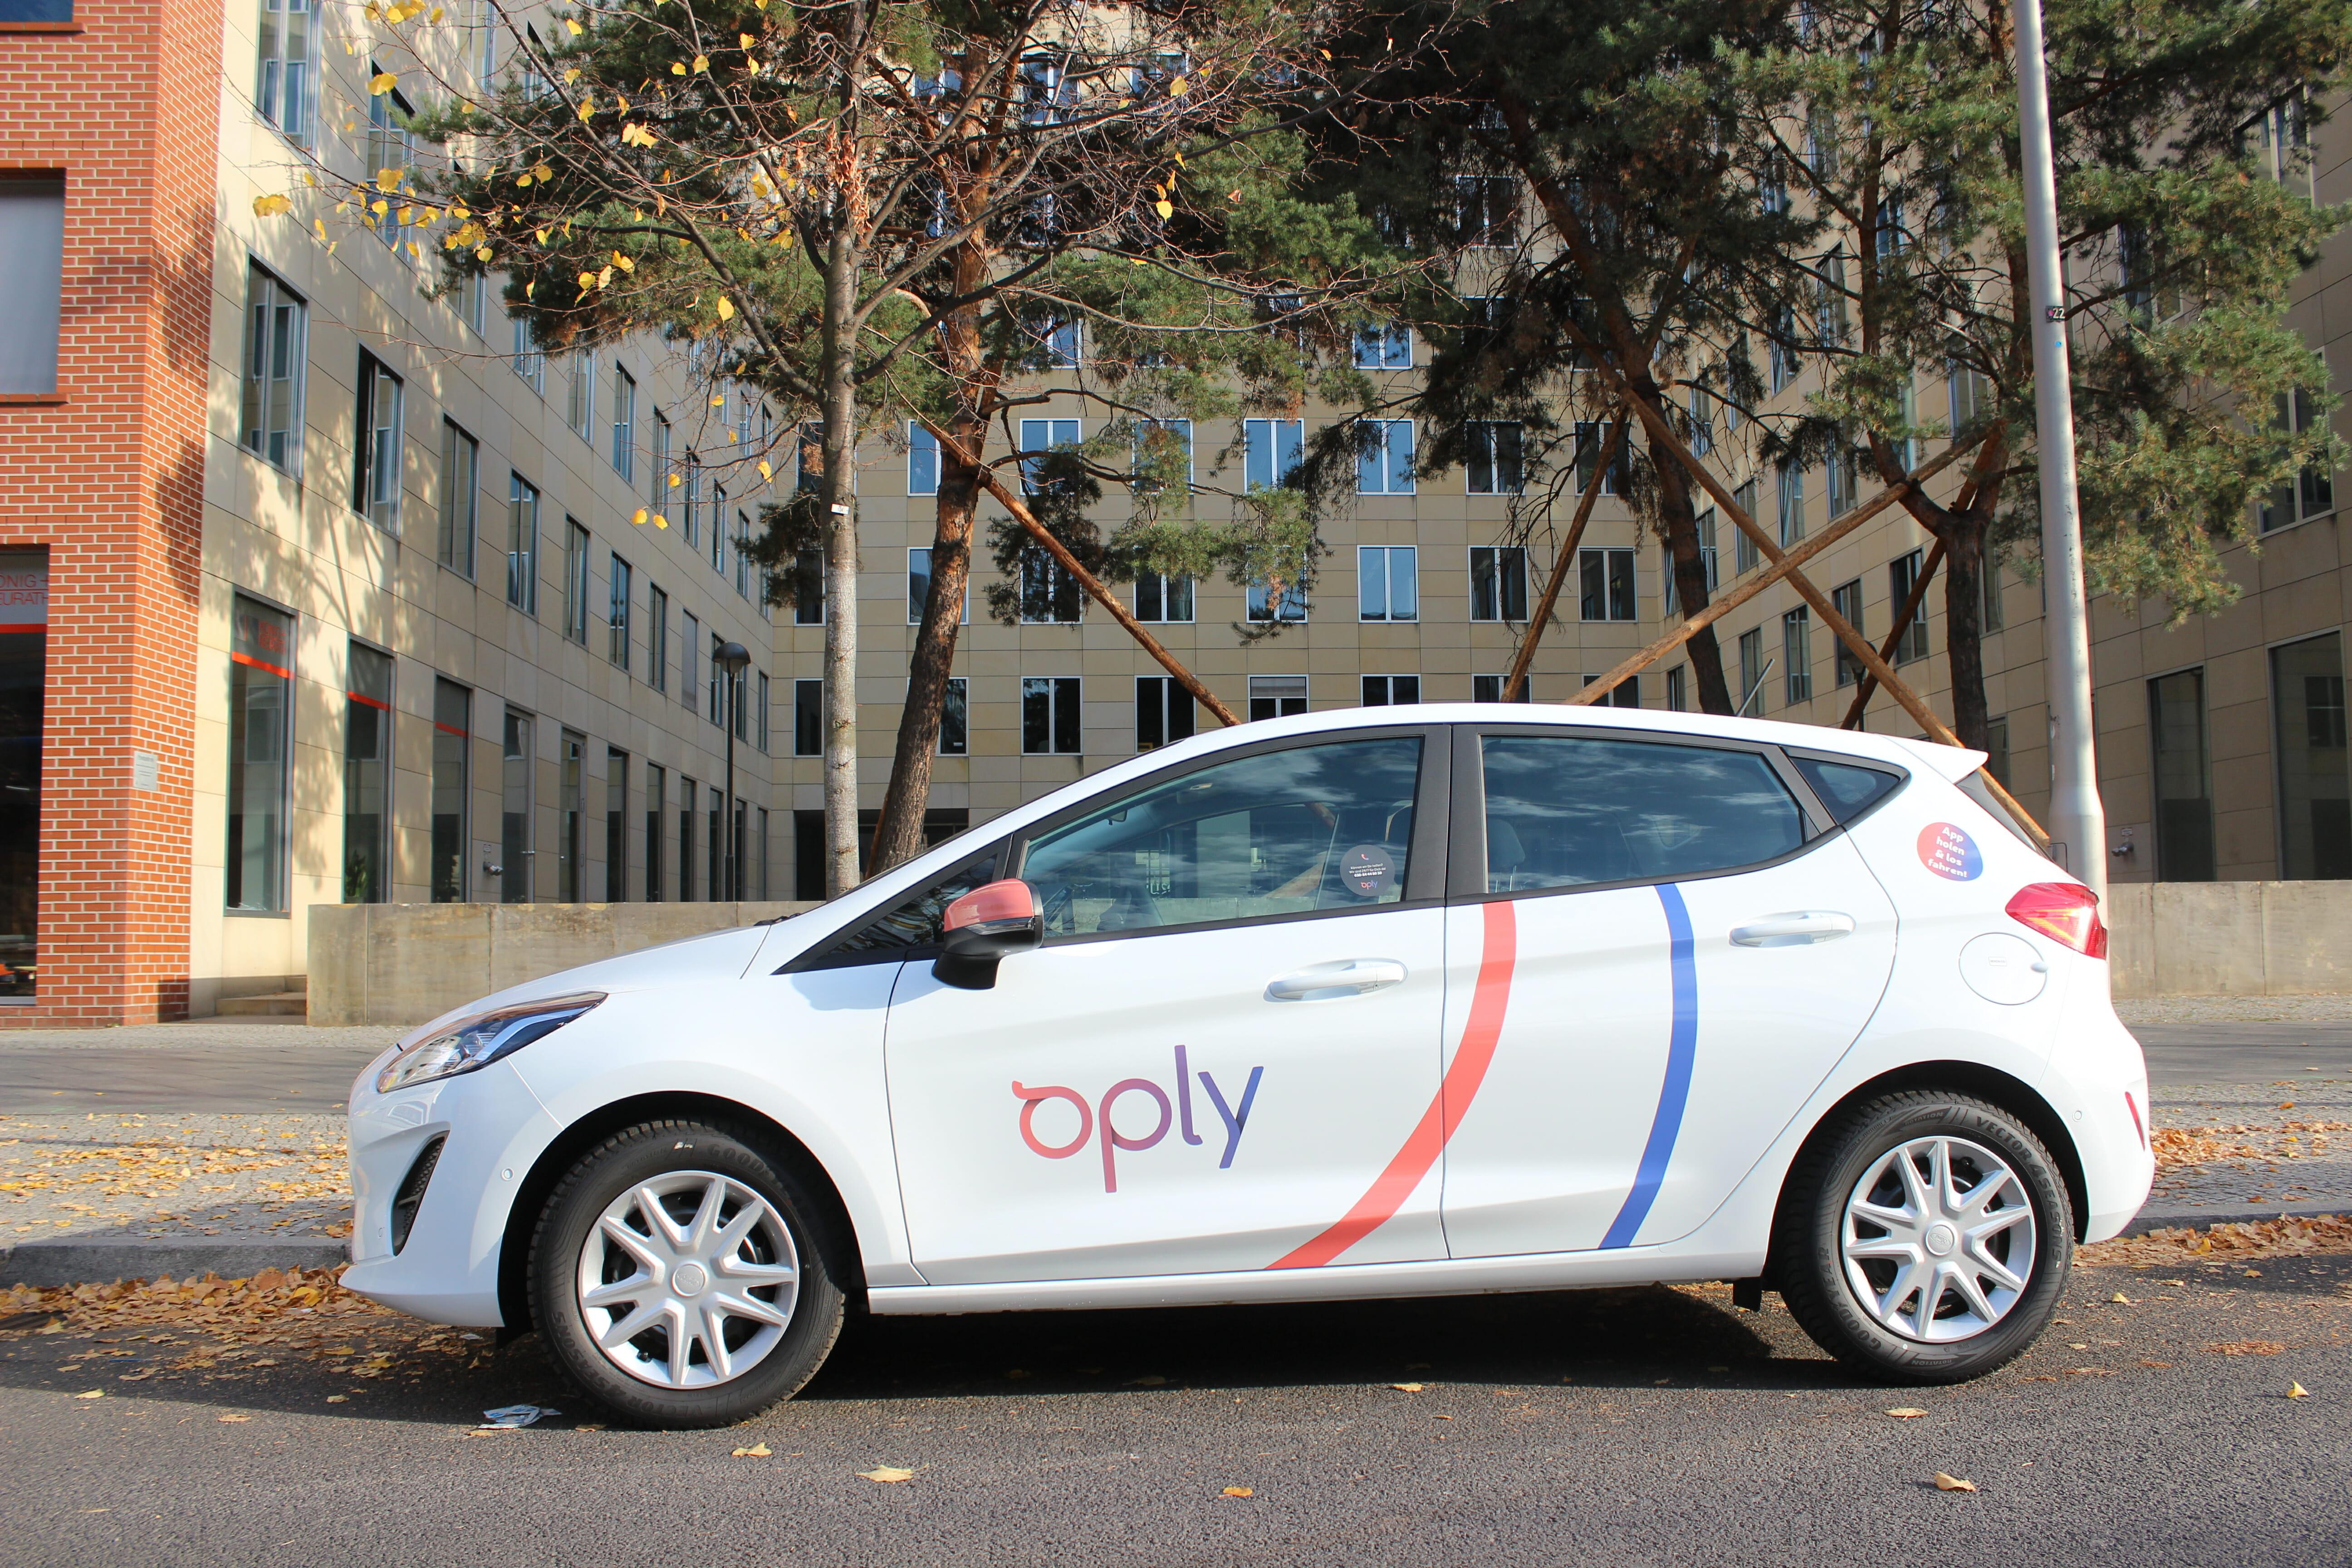 Fahrzeug von Oply Carsharing